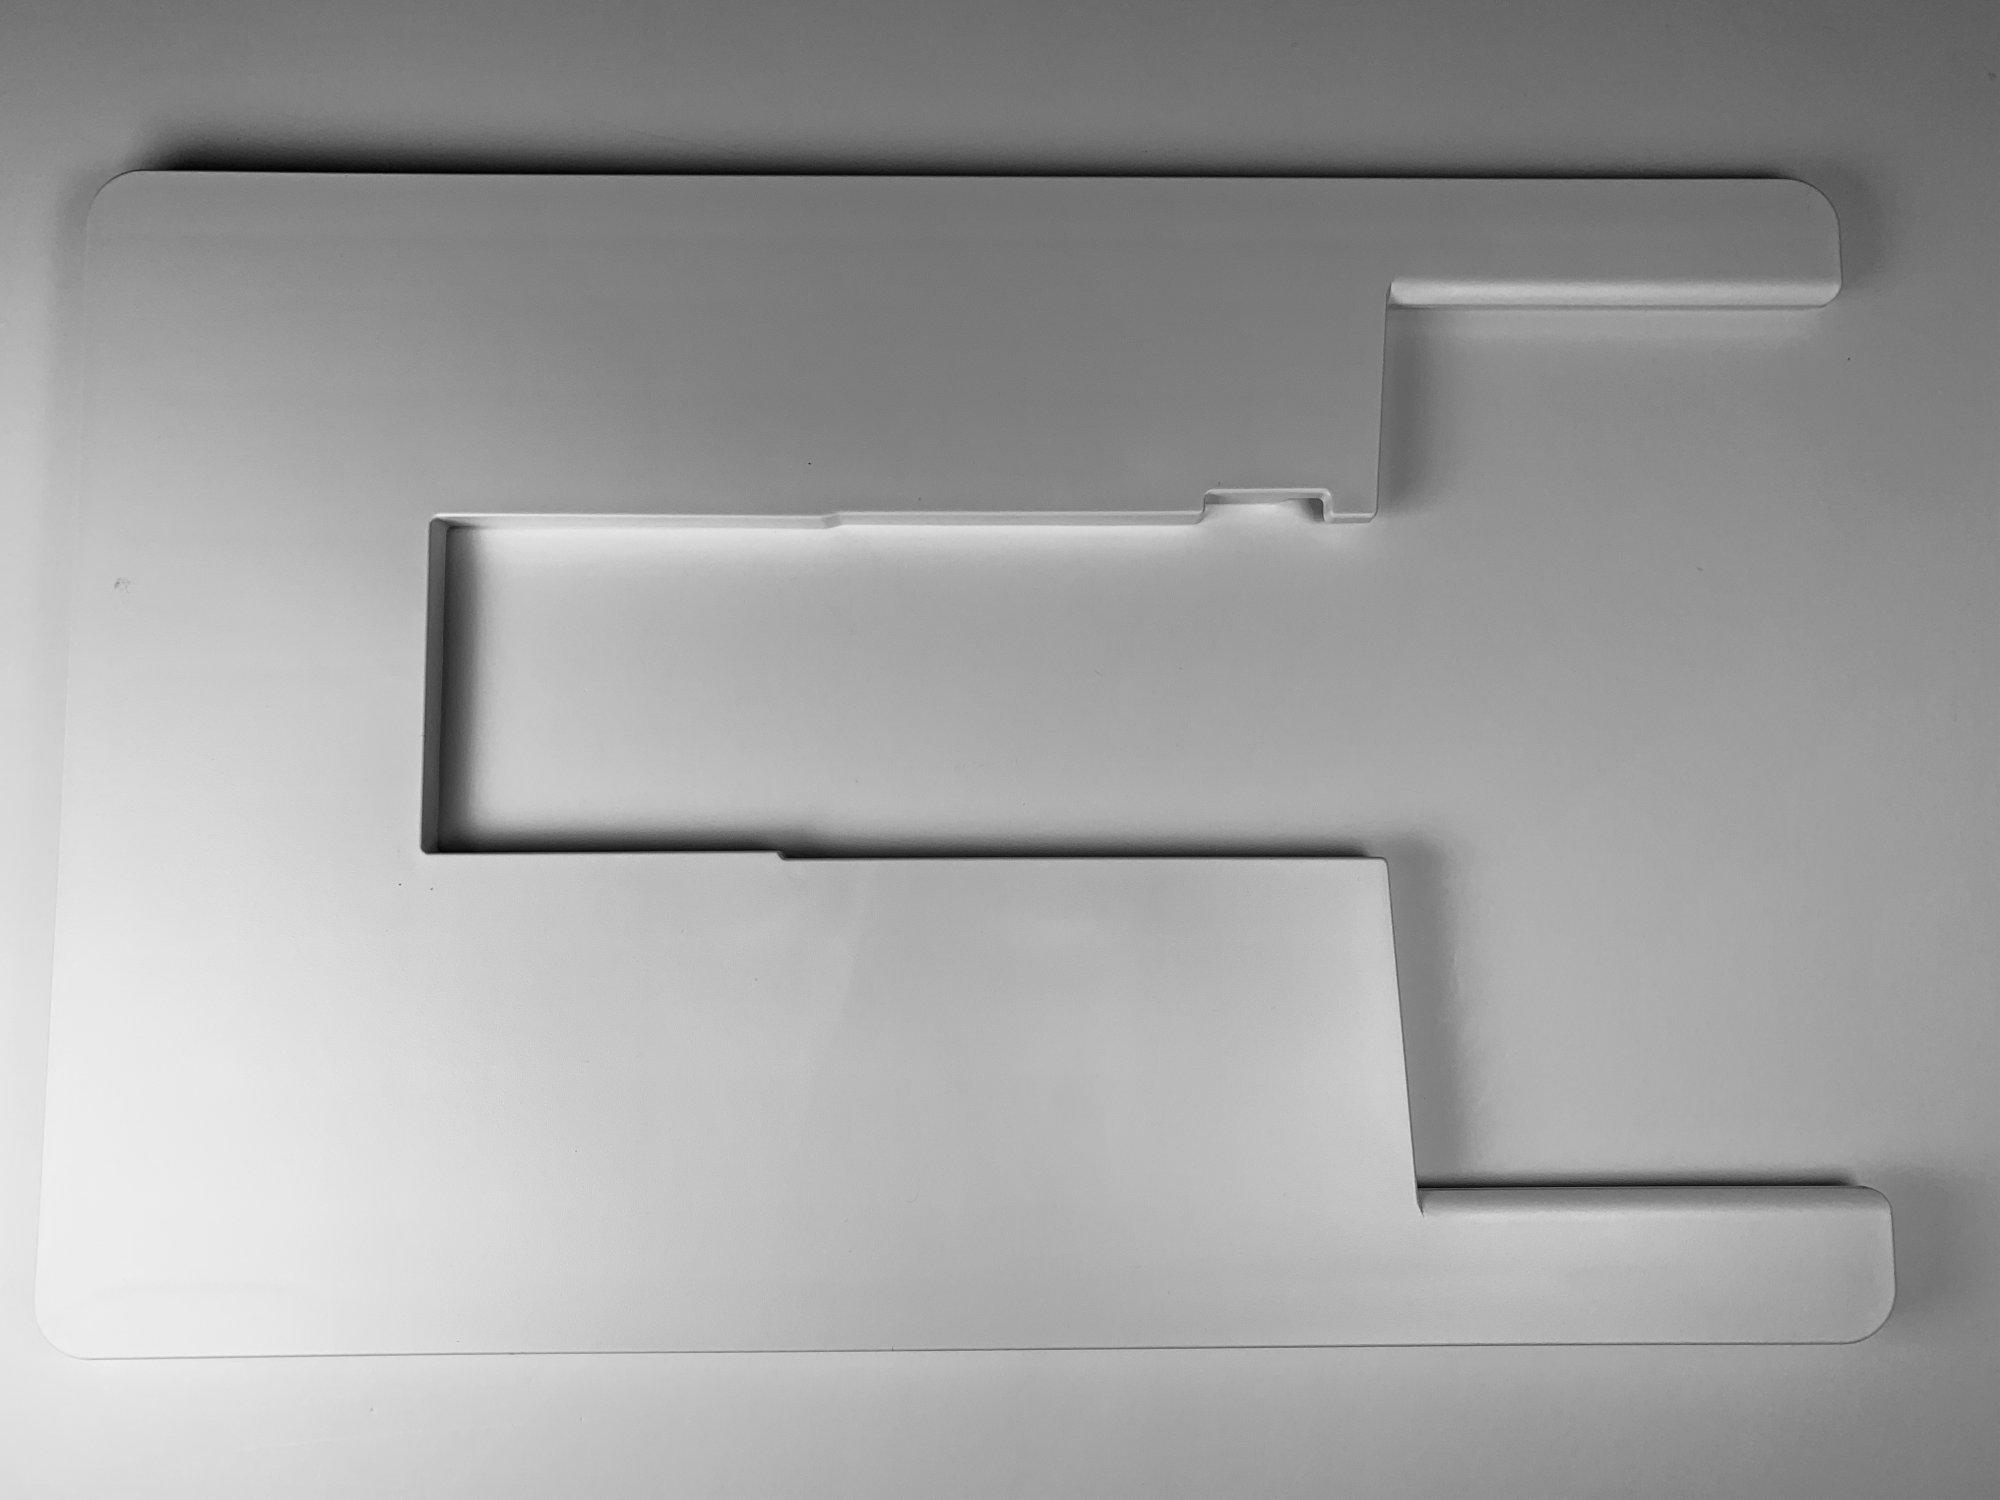 Janome Insert Plate G mc9450